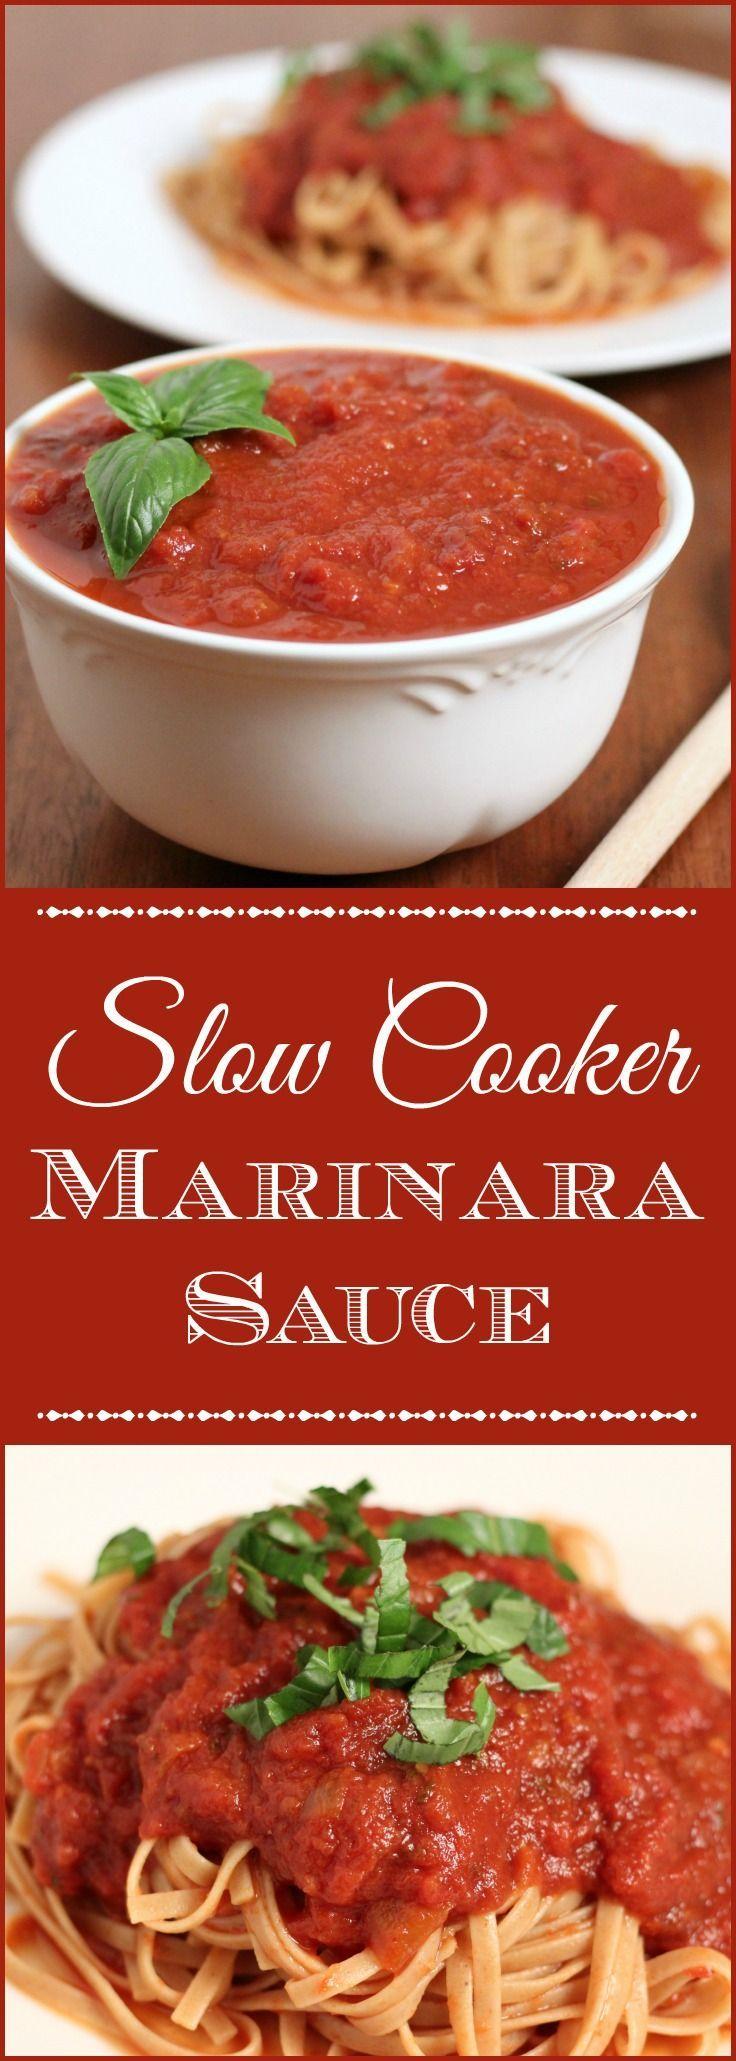 Slow Cooker Marinara Sauce: